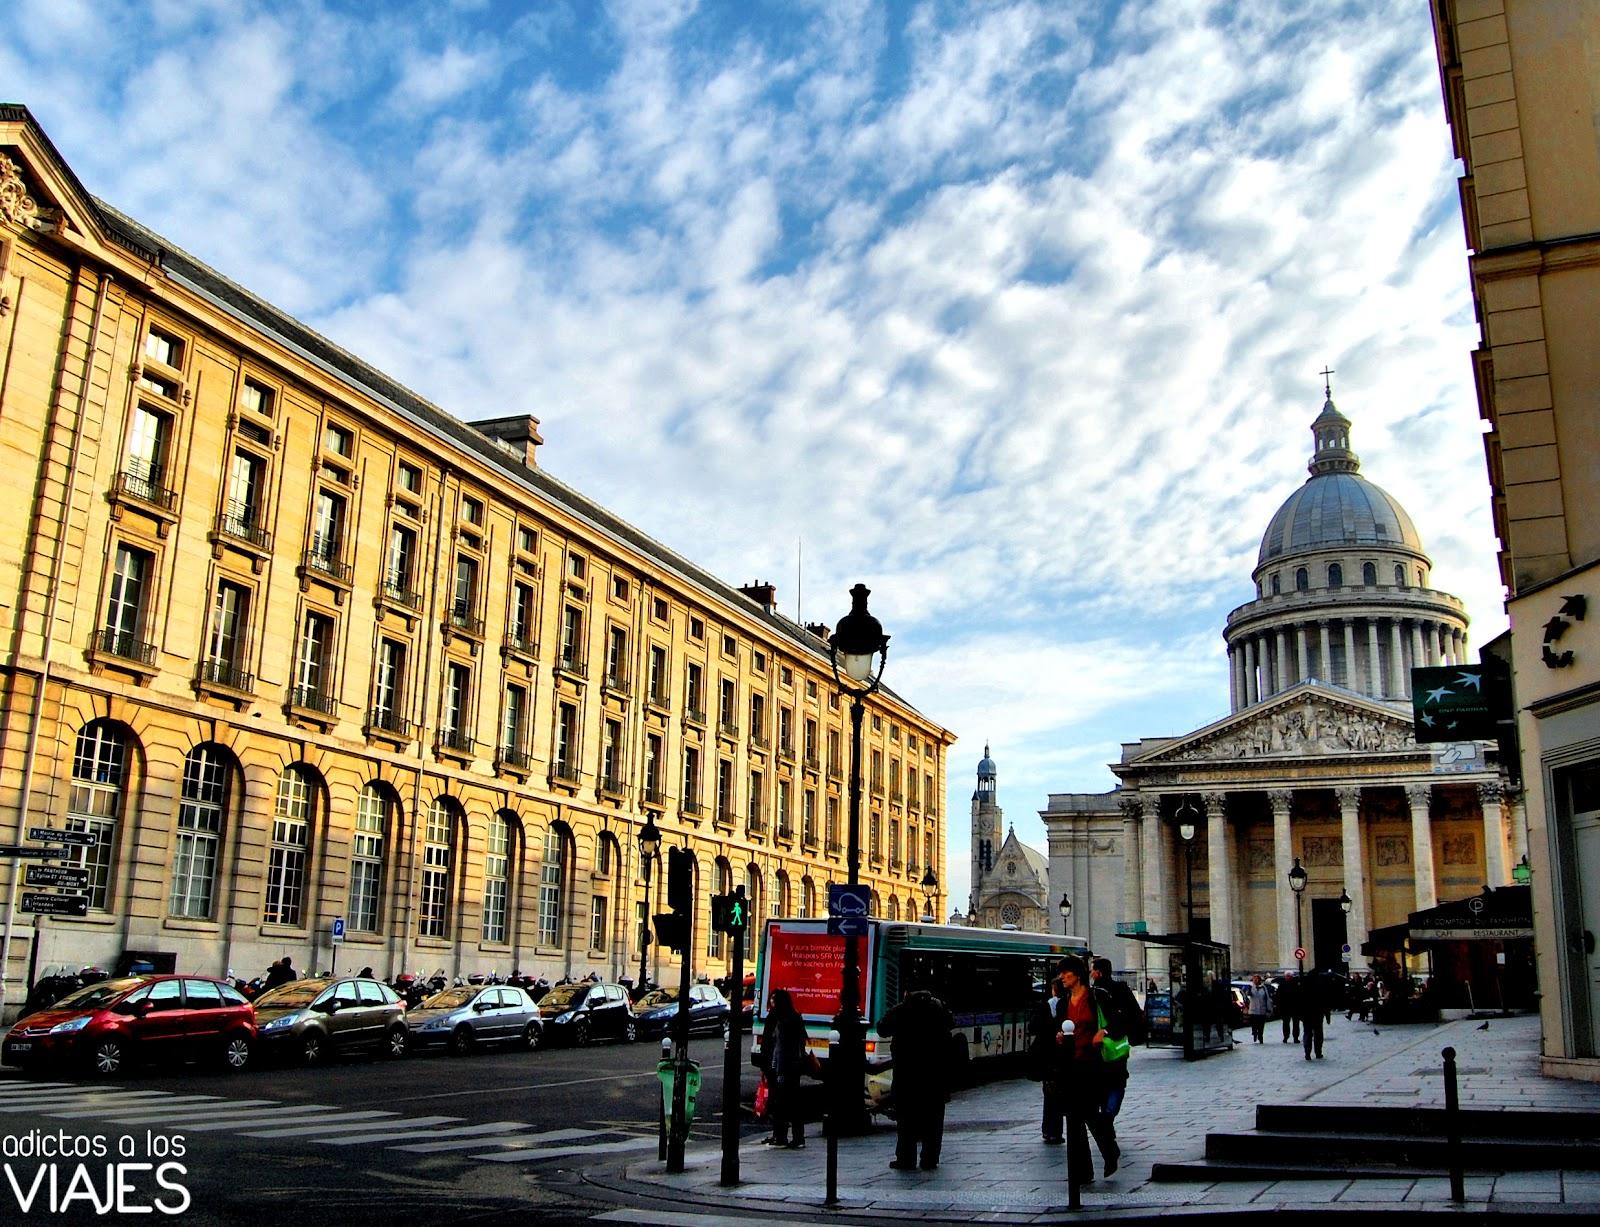 Un paseo por París ~ Adictos a los viajes - Blog de viajes